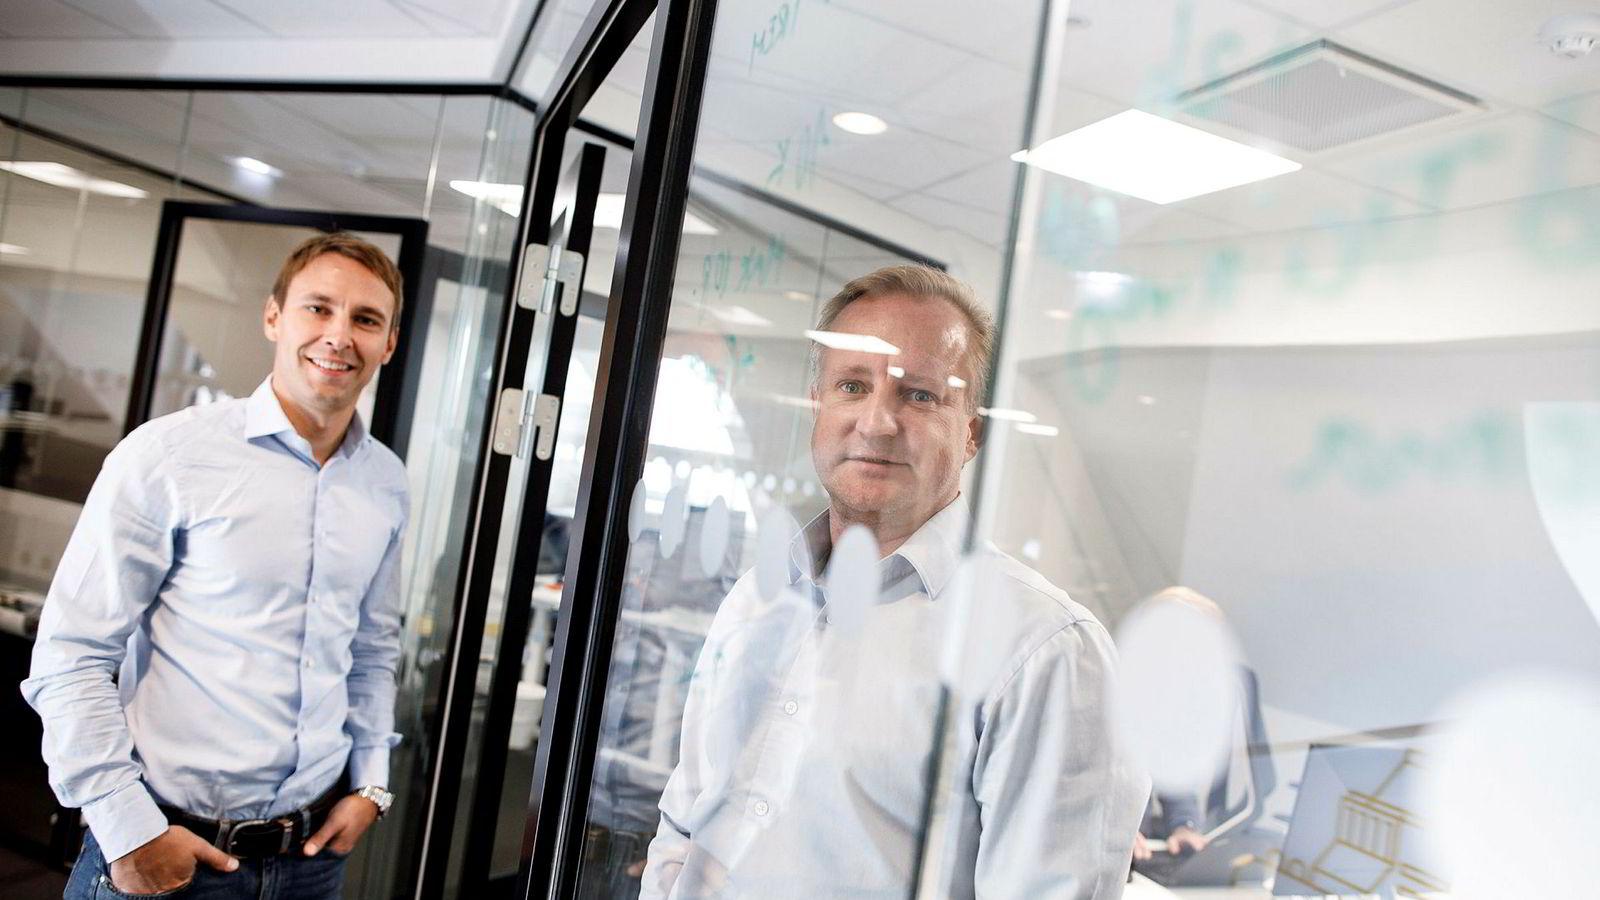 Fra kontorene i Rosenkrantz' gate i Oslo hanker Neptune Software inn storkunder over hele verden for sin programvare for utvikling av programvare. Administrerende direktør Andreas Gryteland Sulejewski har vært med siden begynnelsen av 2012, mens Ole-Andre Haugen er en av de to som startet opp i 2011.